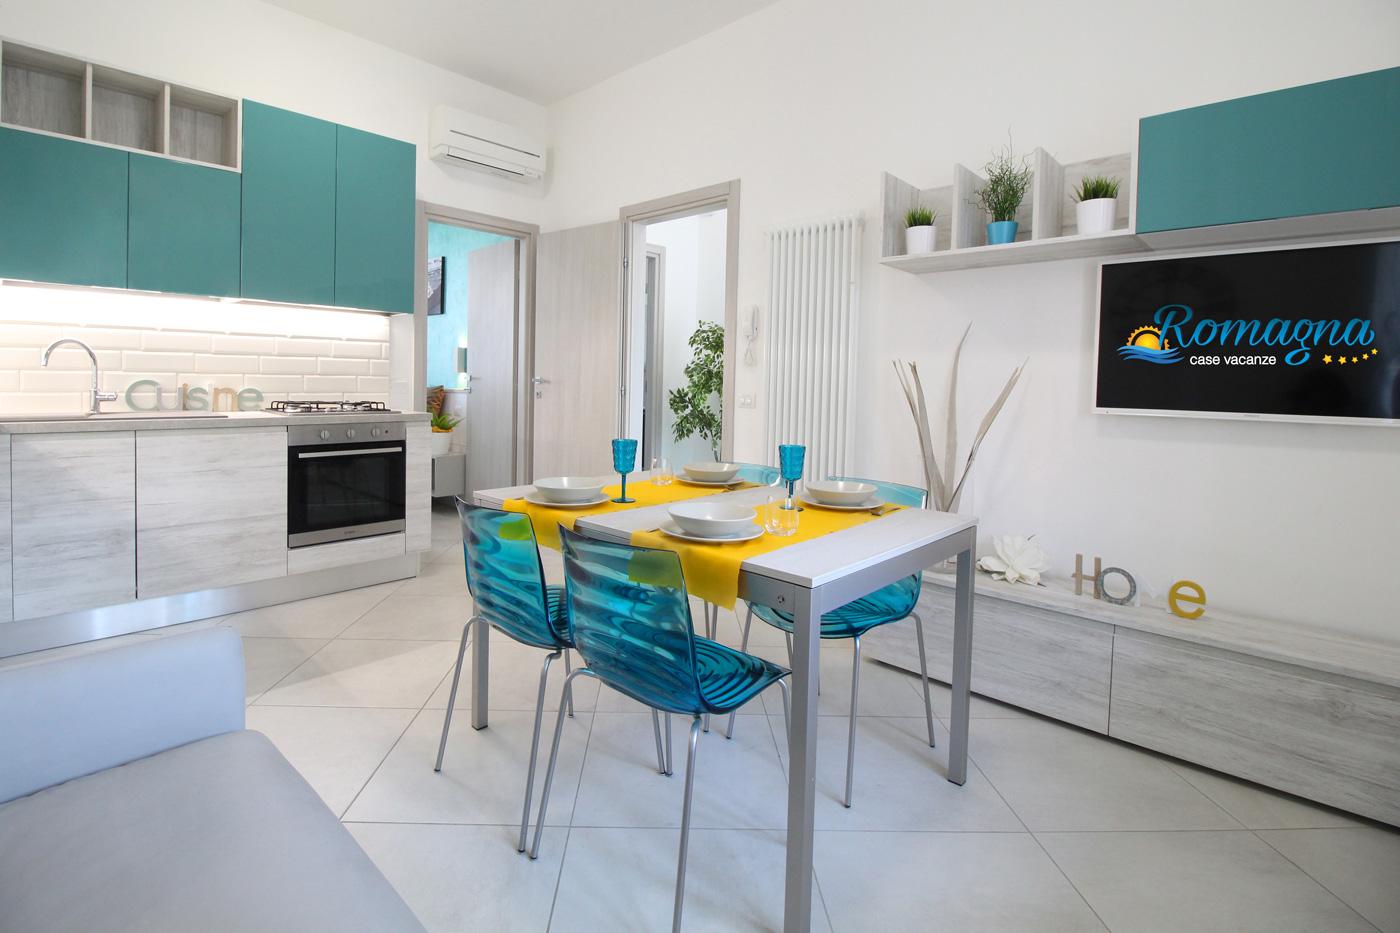 Appartamento samantha_Romagna case vacanze_IMG_7353